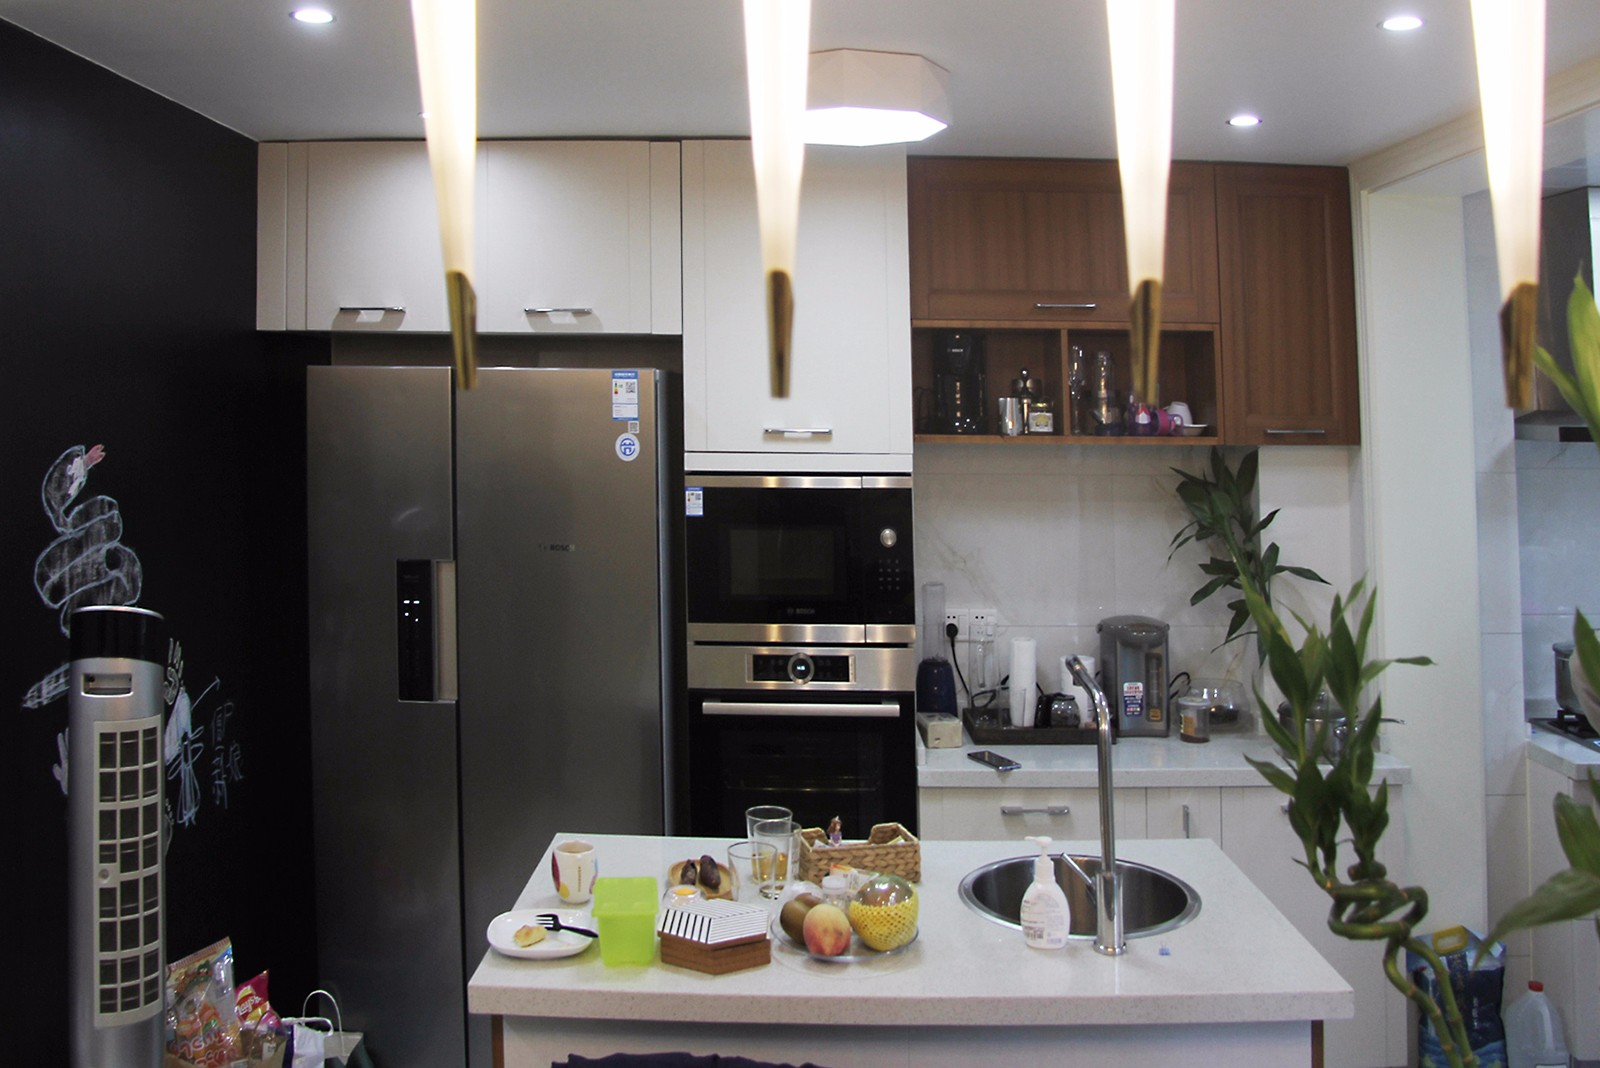 中岛的设计运用是厨房是餐厅,大大增强了空间之间的交流与互动.